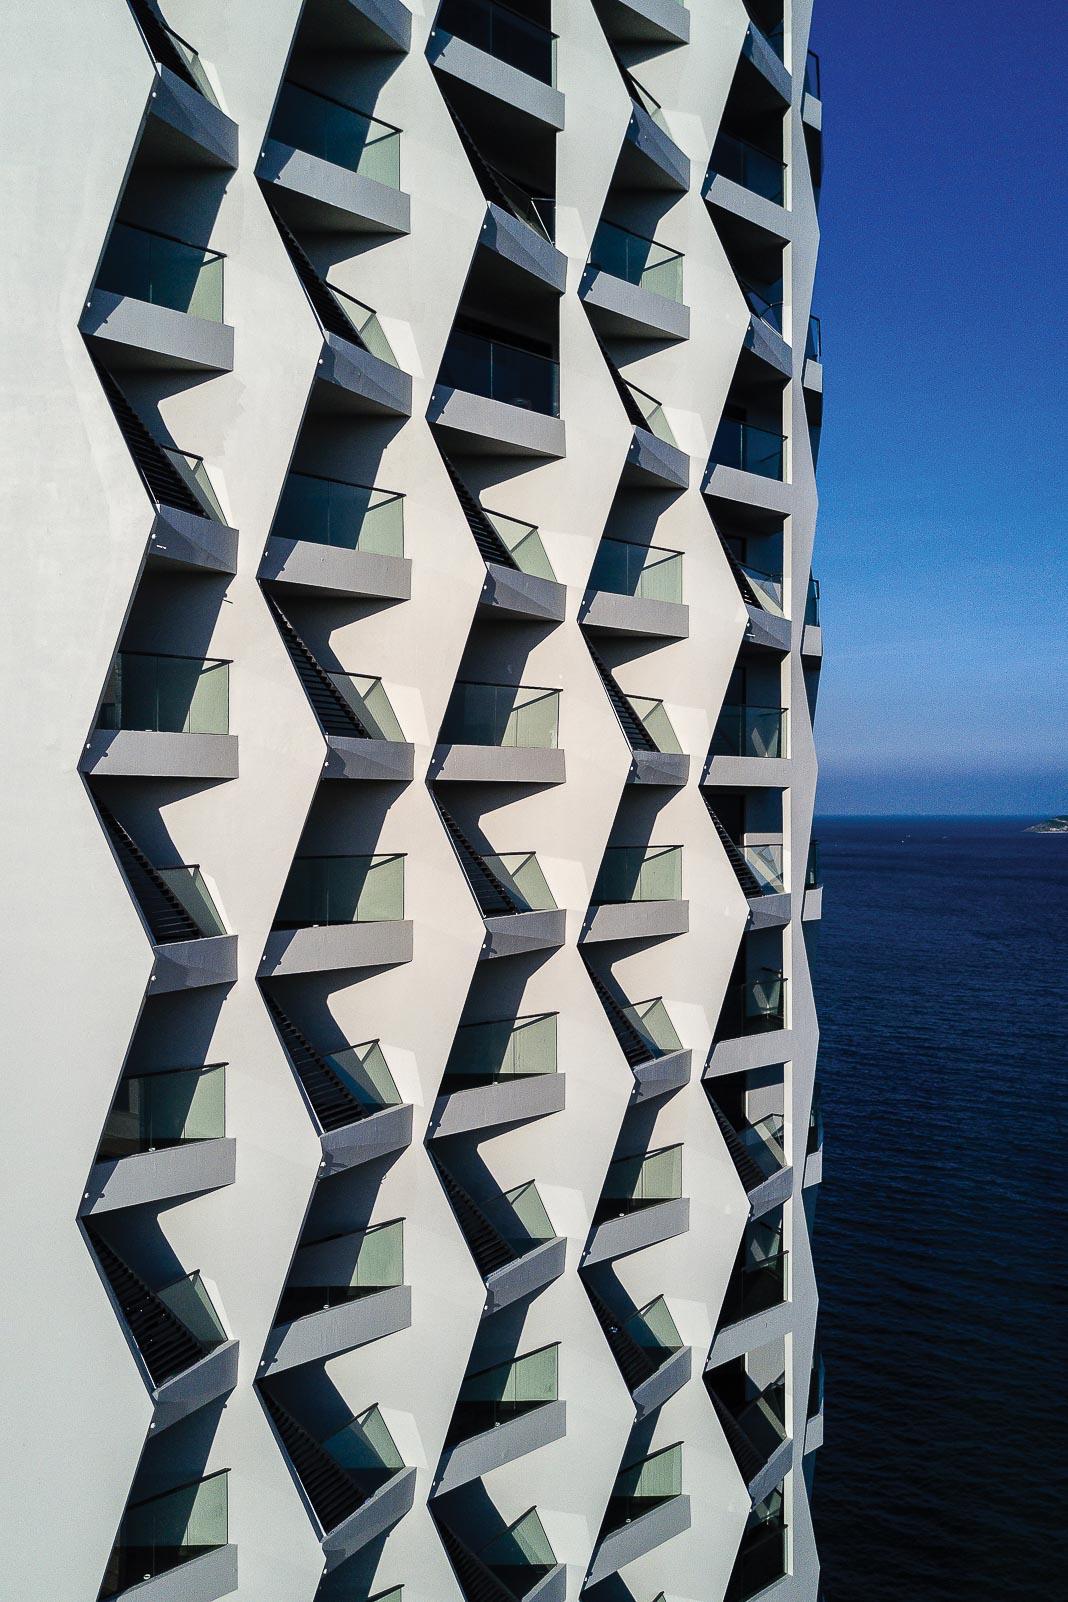 Khách sạn năm sao Boton BLueNha Trang- một dự án tiêu biểu của HML Architecture 3